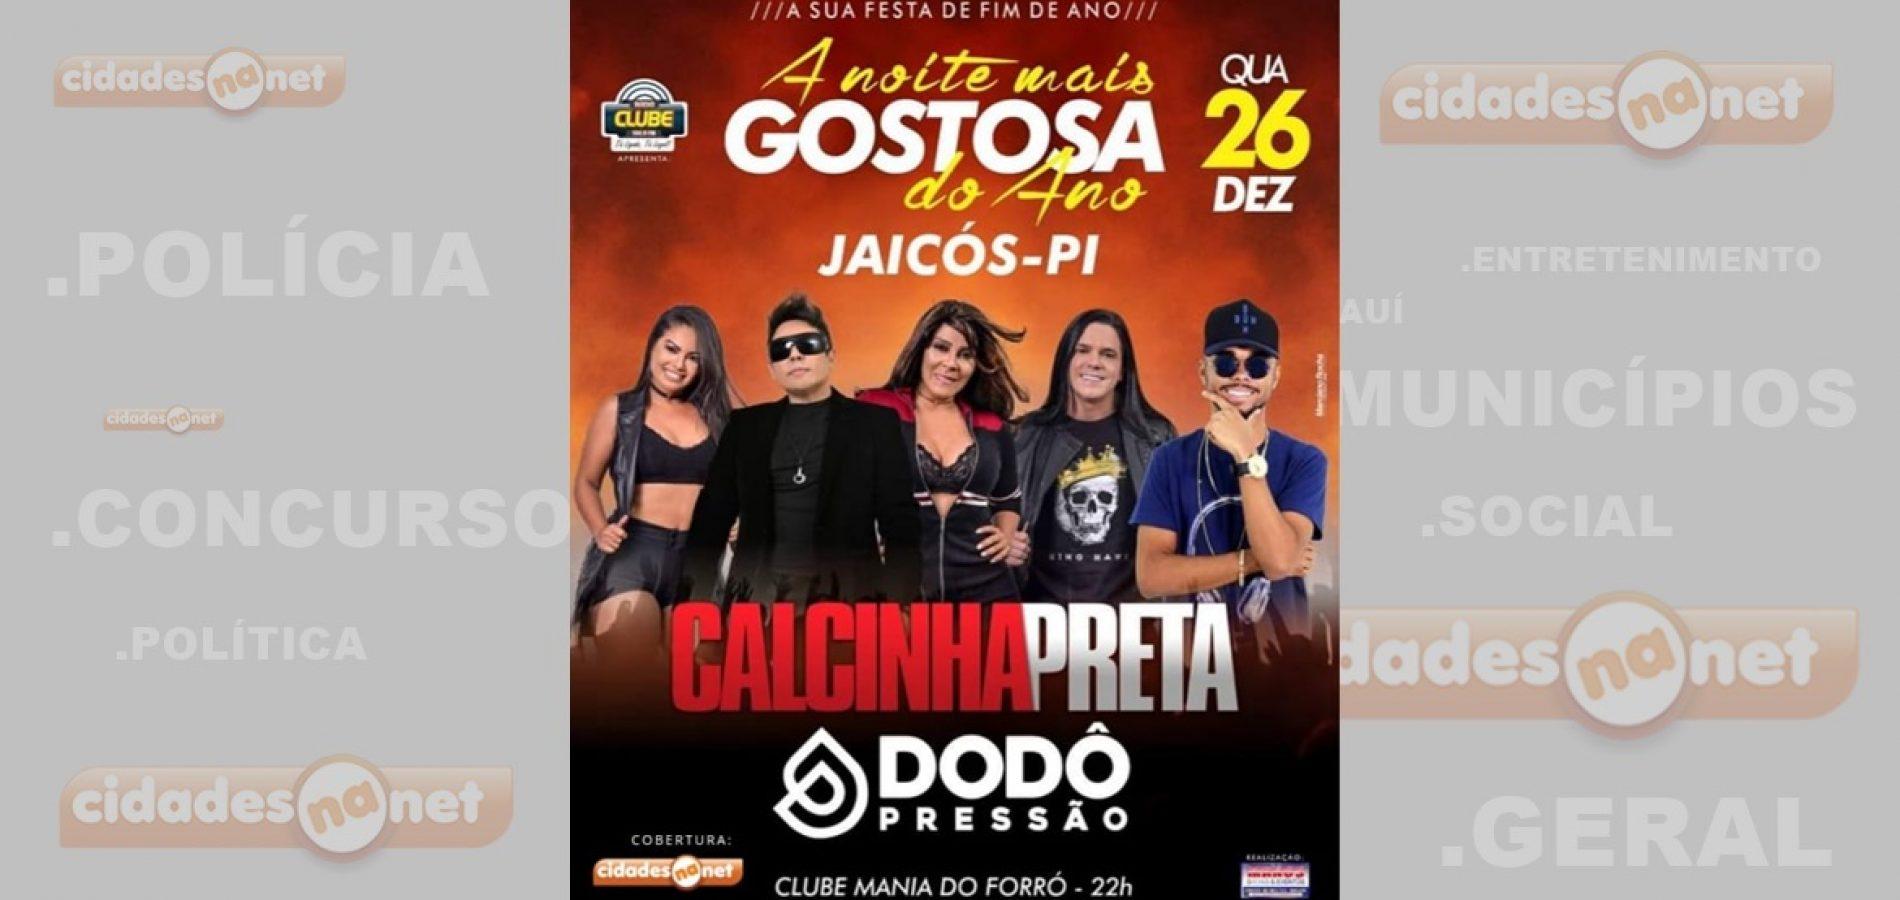 Grande show com a banda Calcinha Preta acontece hoje (26) em Jaicós